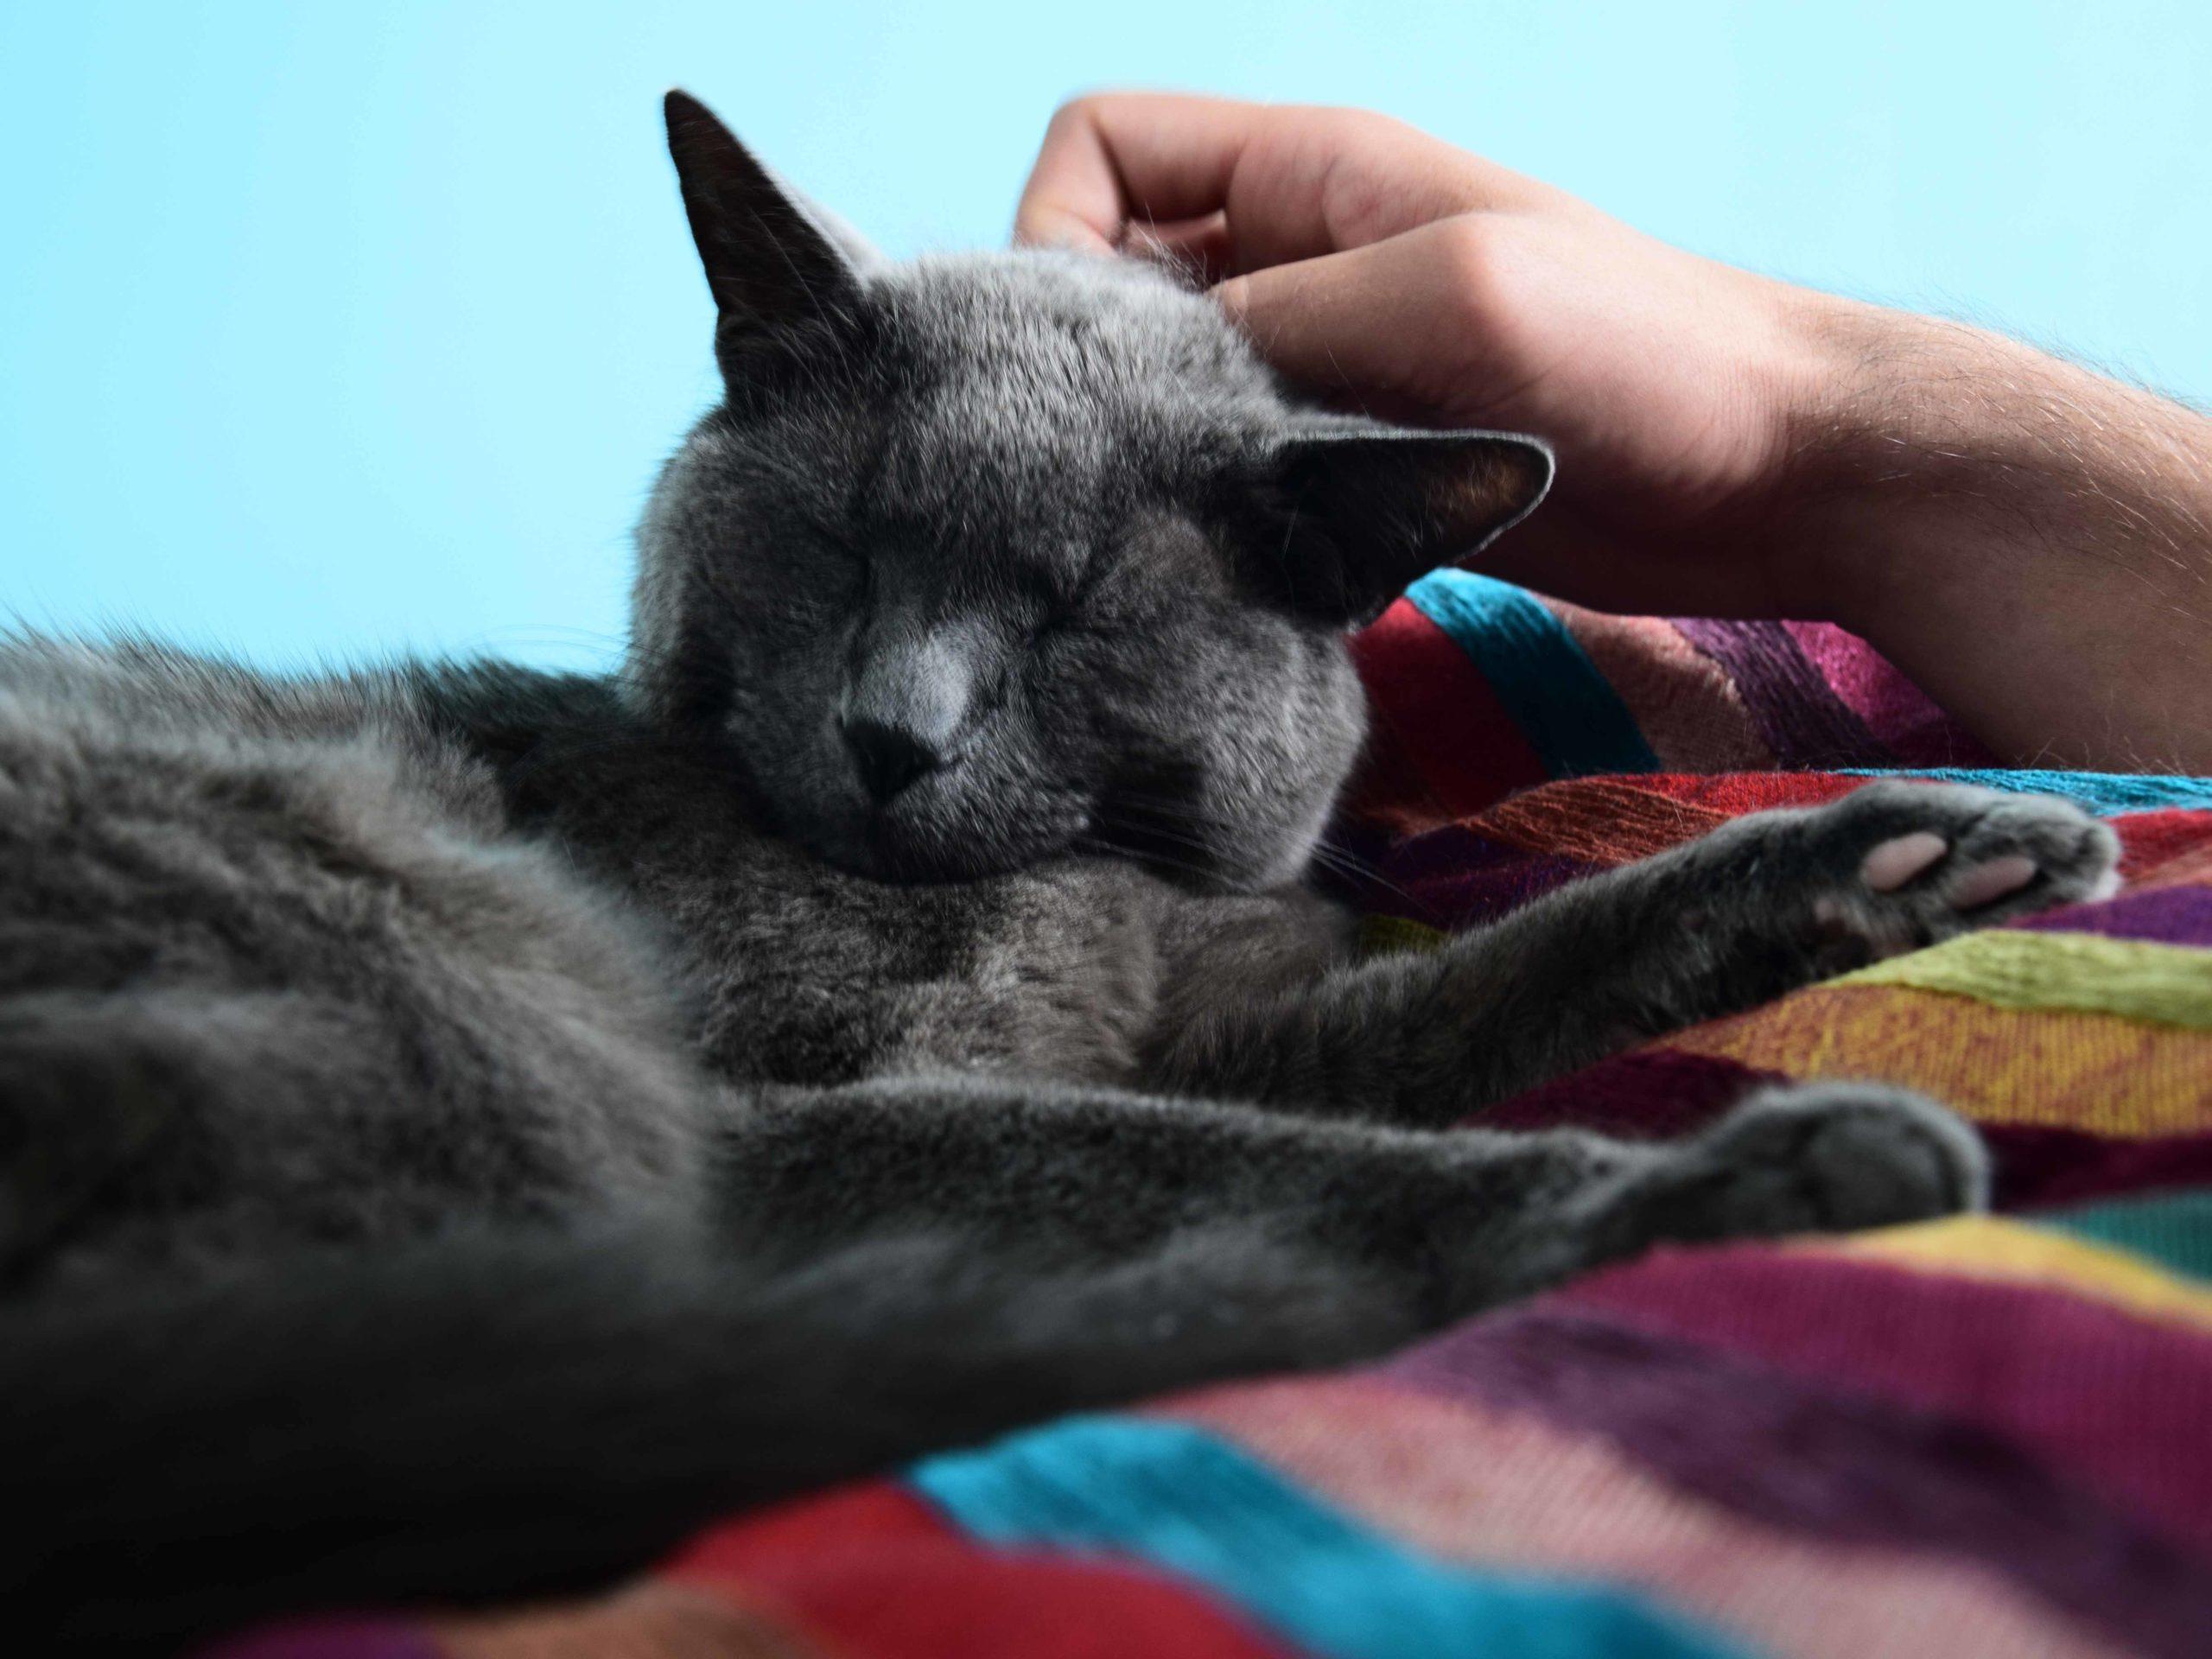 Die Nähe zu einem Tier hilft gegen Einsamkeit. Auch das Fell der Tiere spielt dabei eine wichtige Rolle.